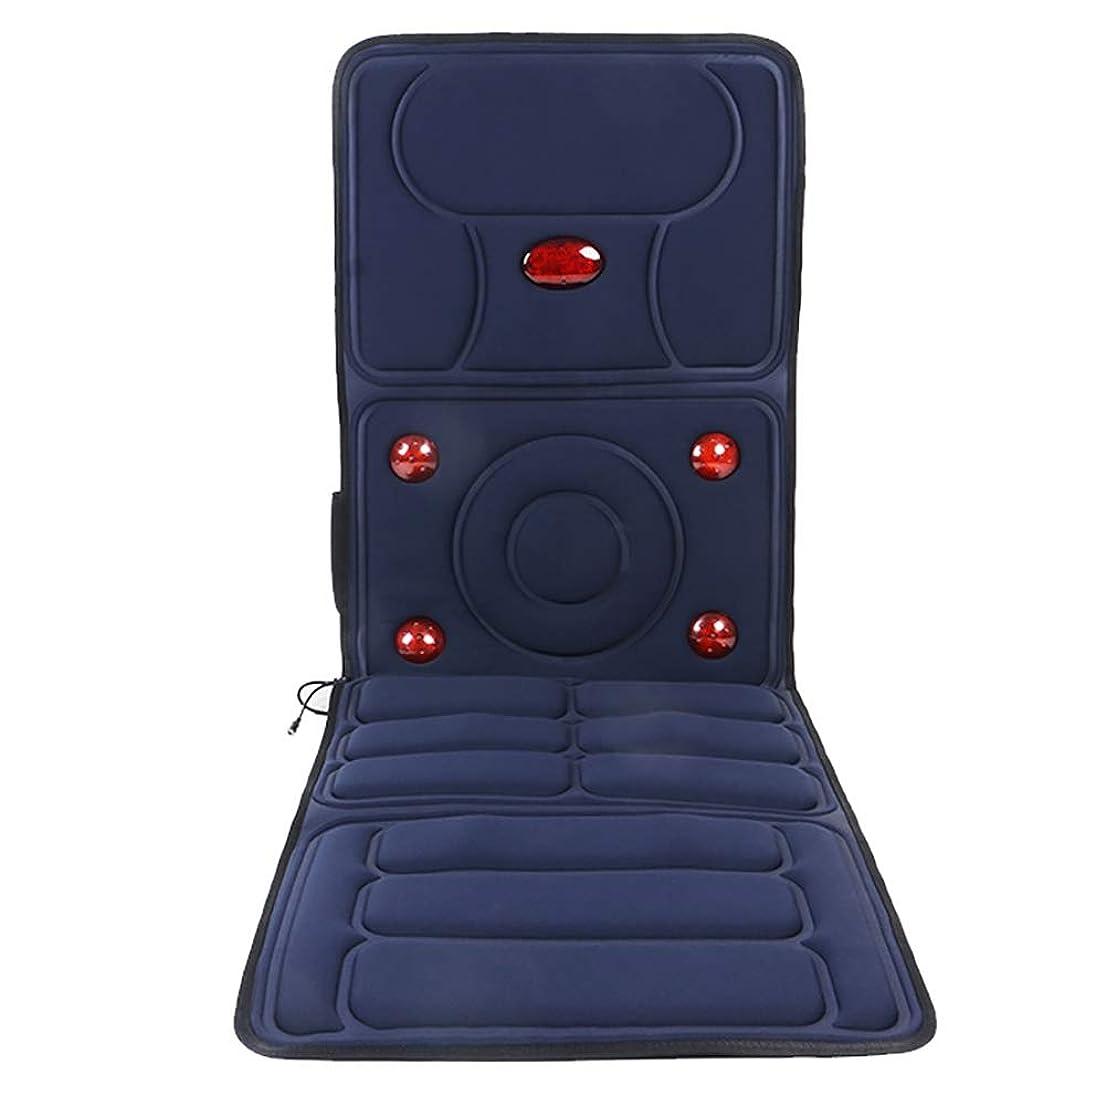 振る舞う粉砕する平和全身マッサージマットマットレス - ベッドマッサージパッドクッションパーツの通販なら| ヒーテッドマッサージャー 肩や背中の痛み、家やオフィスの椅子の使用のための電気ボディマッサージからのストレスや緊張を和らげます